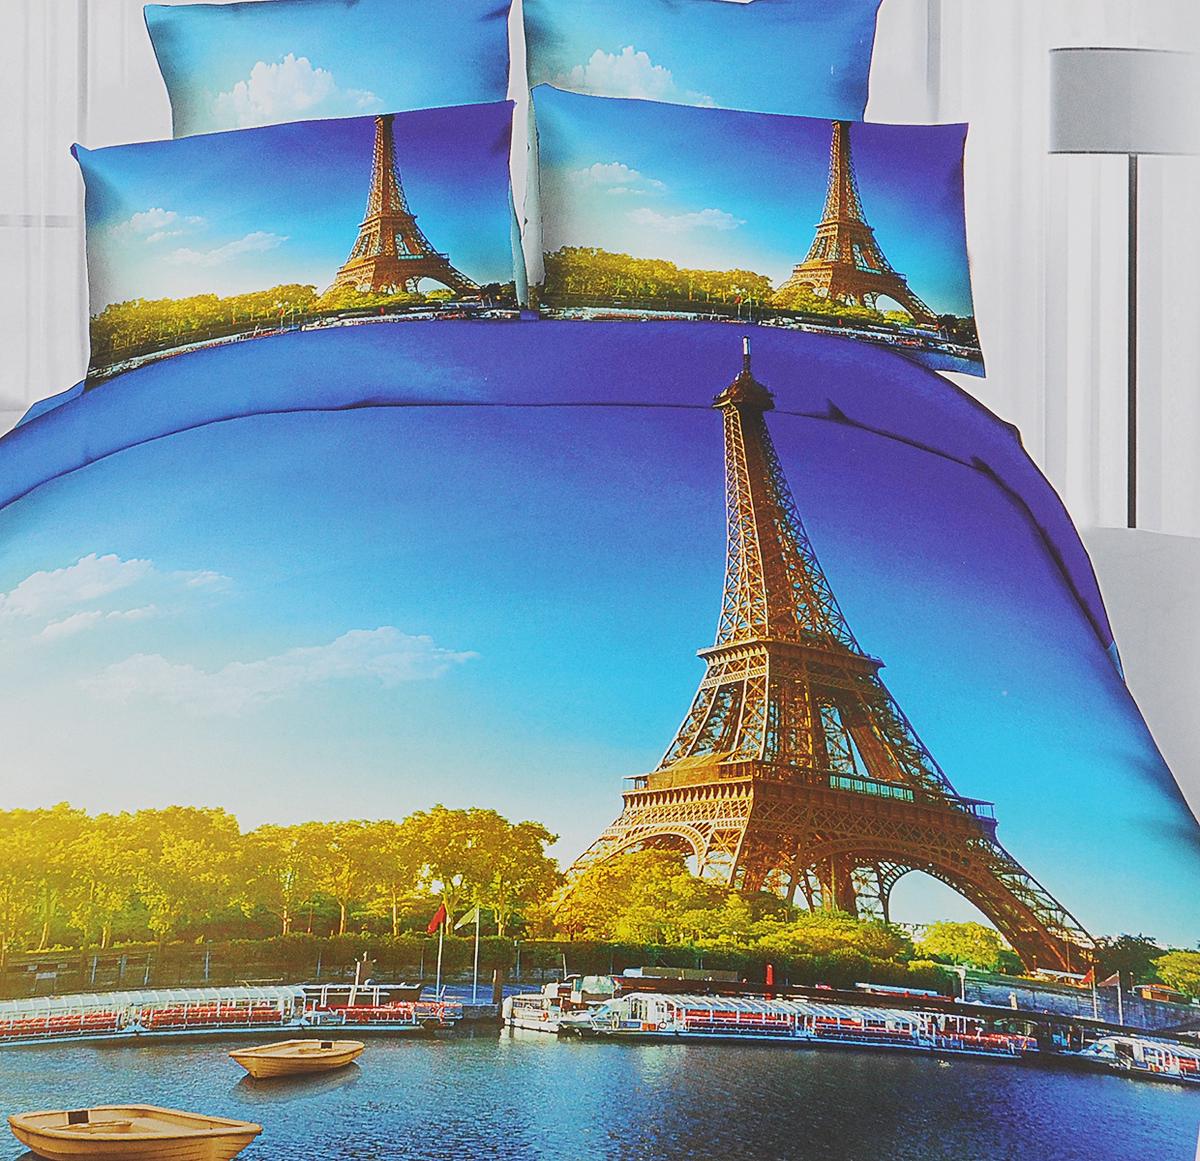 Комплект белья Mango Париж, 2-спальный, наволочки 50х70M-701-175-180-50Комплект постельного белья Mango Париж, изготовленный из сатина (100% хлопок), поможет вам расслабиться и подарит спокойный сон. Комплект состоит из пододеяльника, простыни и двух наволочек на молнии. Предметы комплекта оформлены 3D рисунком. Постельное белье имеет изысканный внешний вид и обладает яркими, сочными цветами. Благодаря такому комплекту постельного белья вы сможете создать атмосферу уюта и комфорта в вашей спальне. Сатин - производится из высших сортов хлопка, а своим блеском, легкостью и на ощупь напоминает шелк. Такая ткань рассчитана на 200 стирок и более. Постельное белье из сатина превращает жаркие летние ночи в прохладные и освежающие, а холодные зимние - в теплые и согревающие. Благодаря натуральному хлопку, комплект постельного белья из сатина приобретает способность пропускать воздух, давая возможность телу дышать. Одно из преимуществ материала в том, что он практически не мнется и ваша спальня всегда будет ...